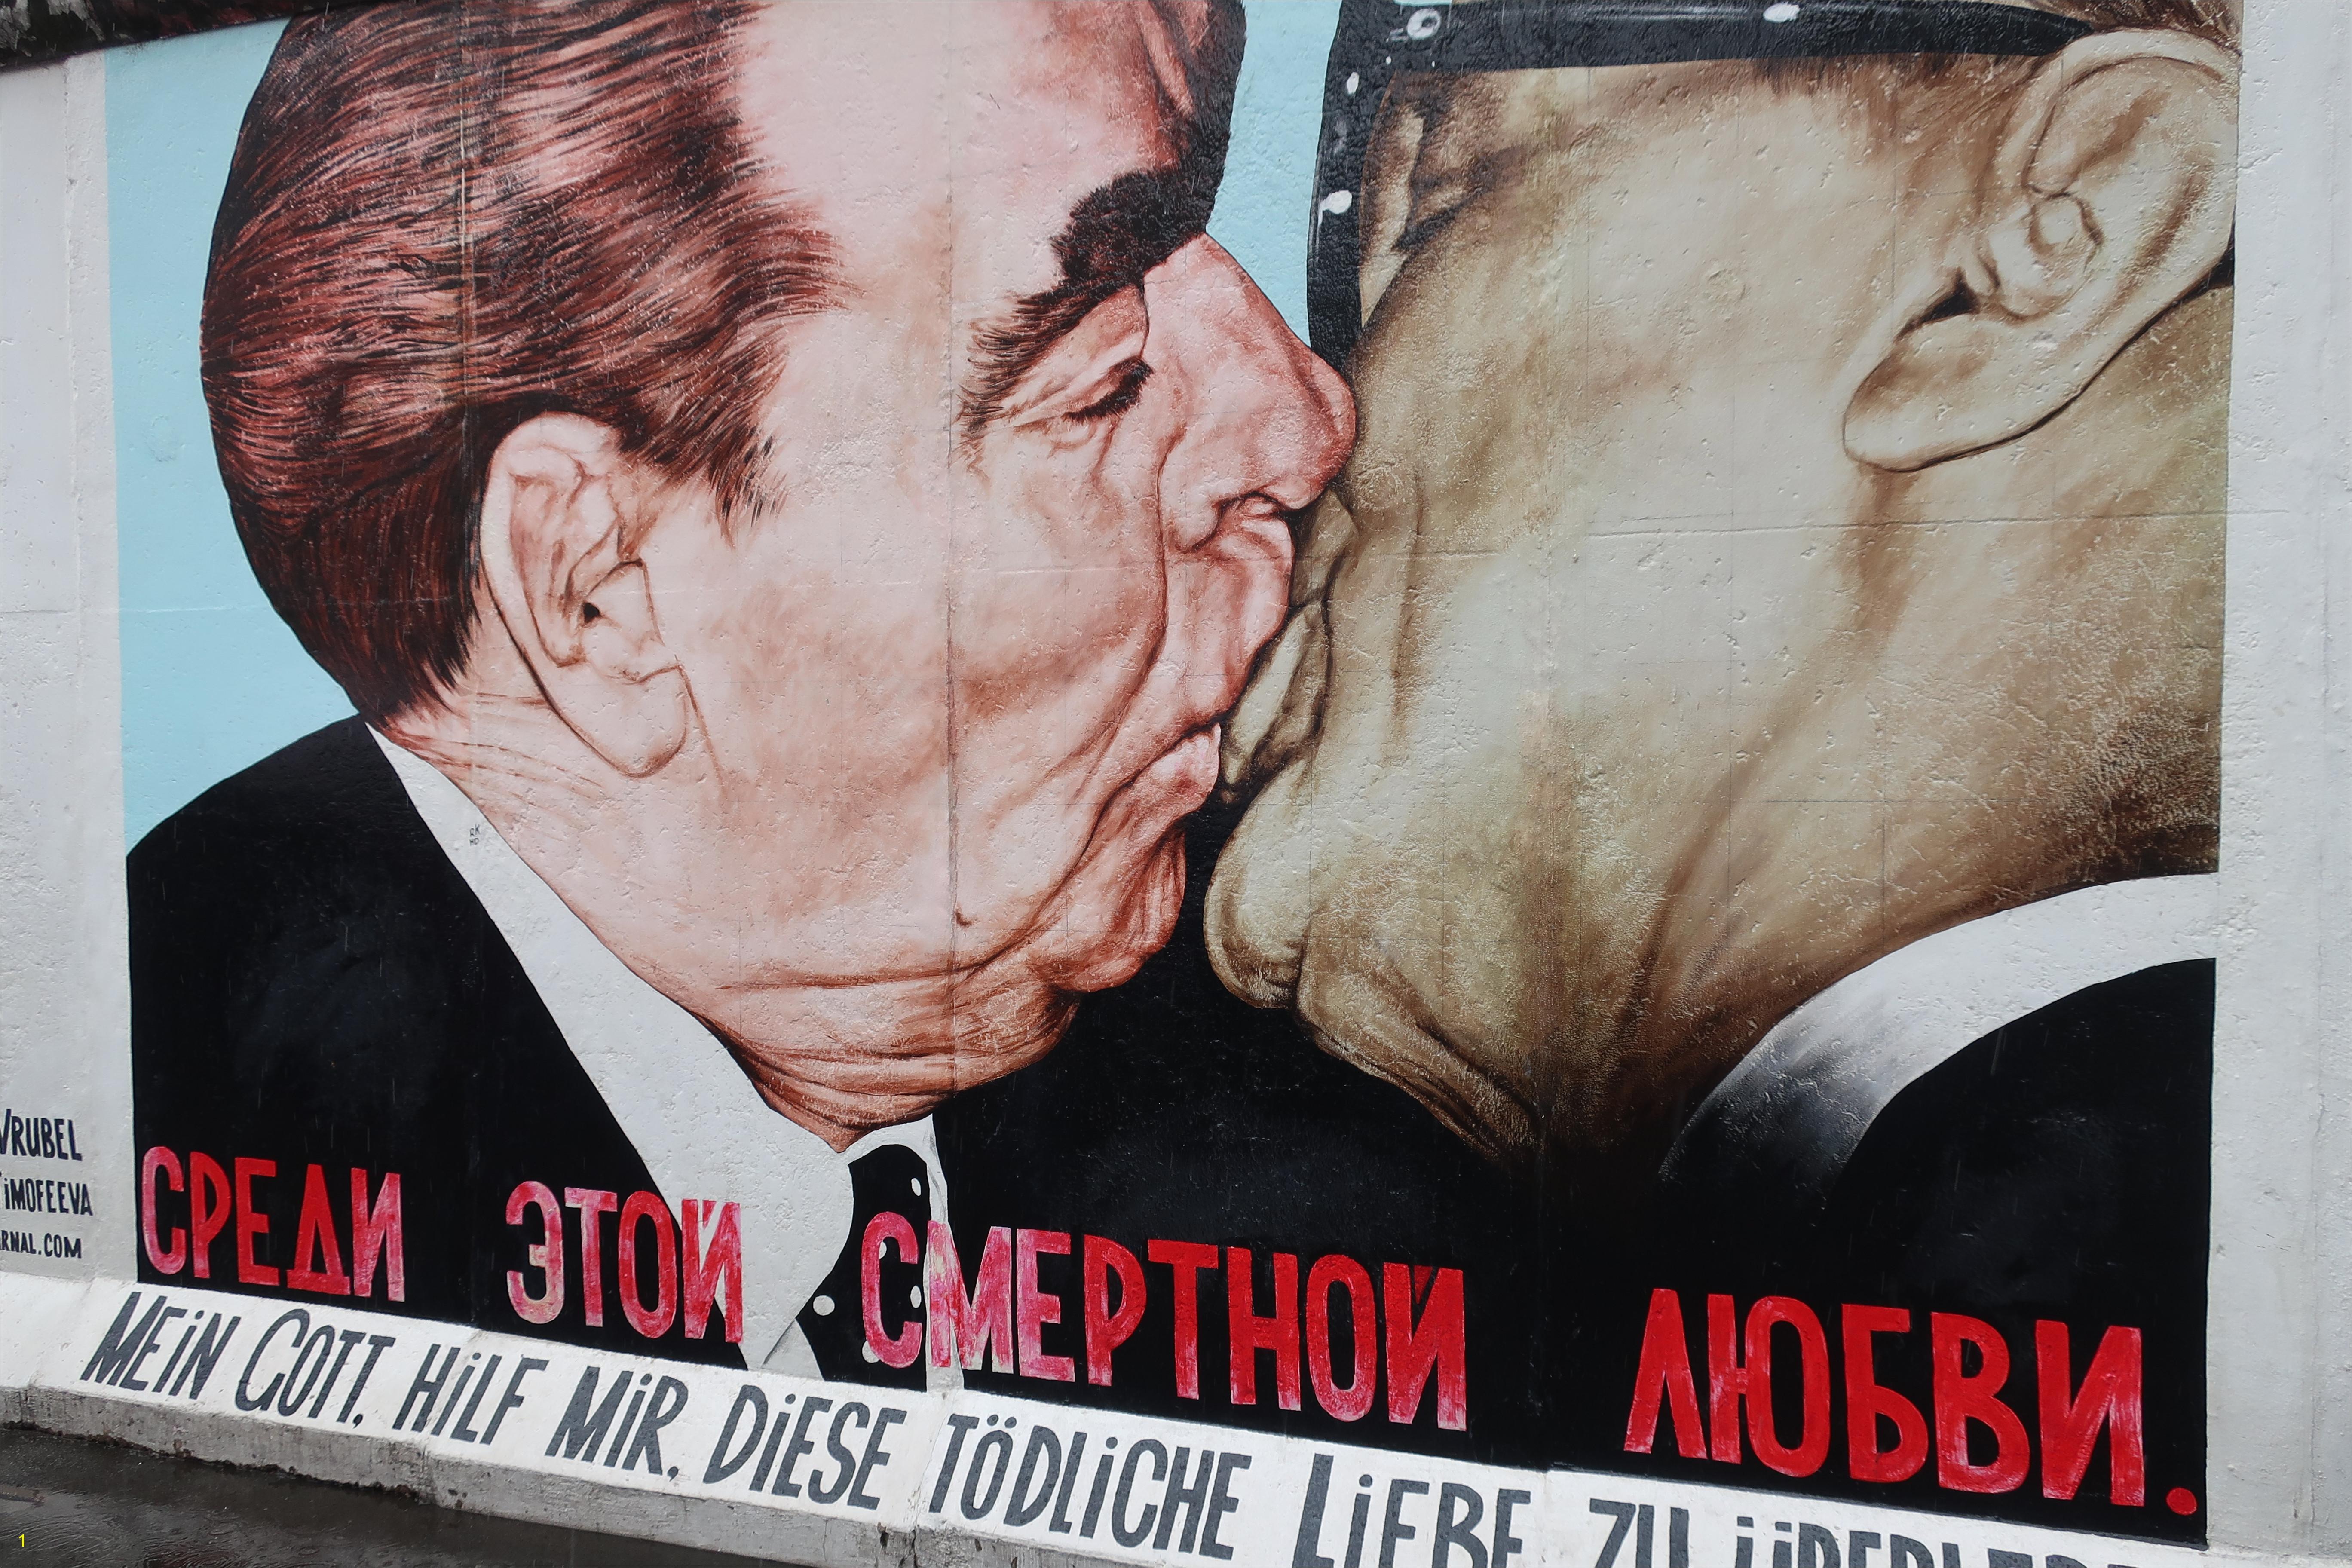 East Side Gallery Berlin Wall Murals Berlin